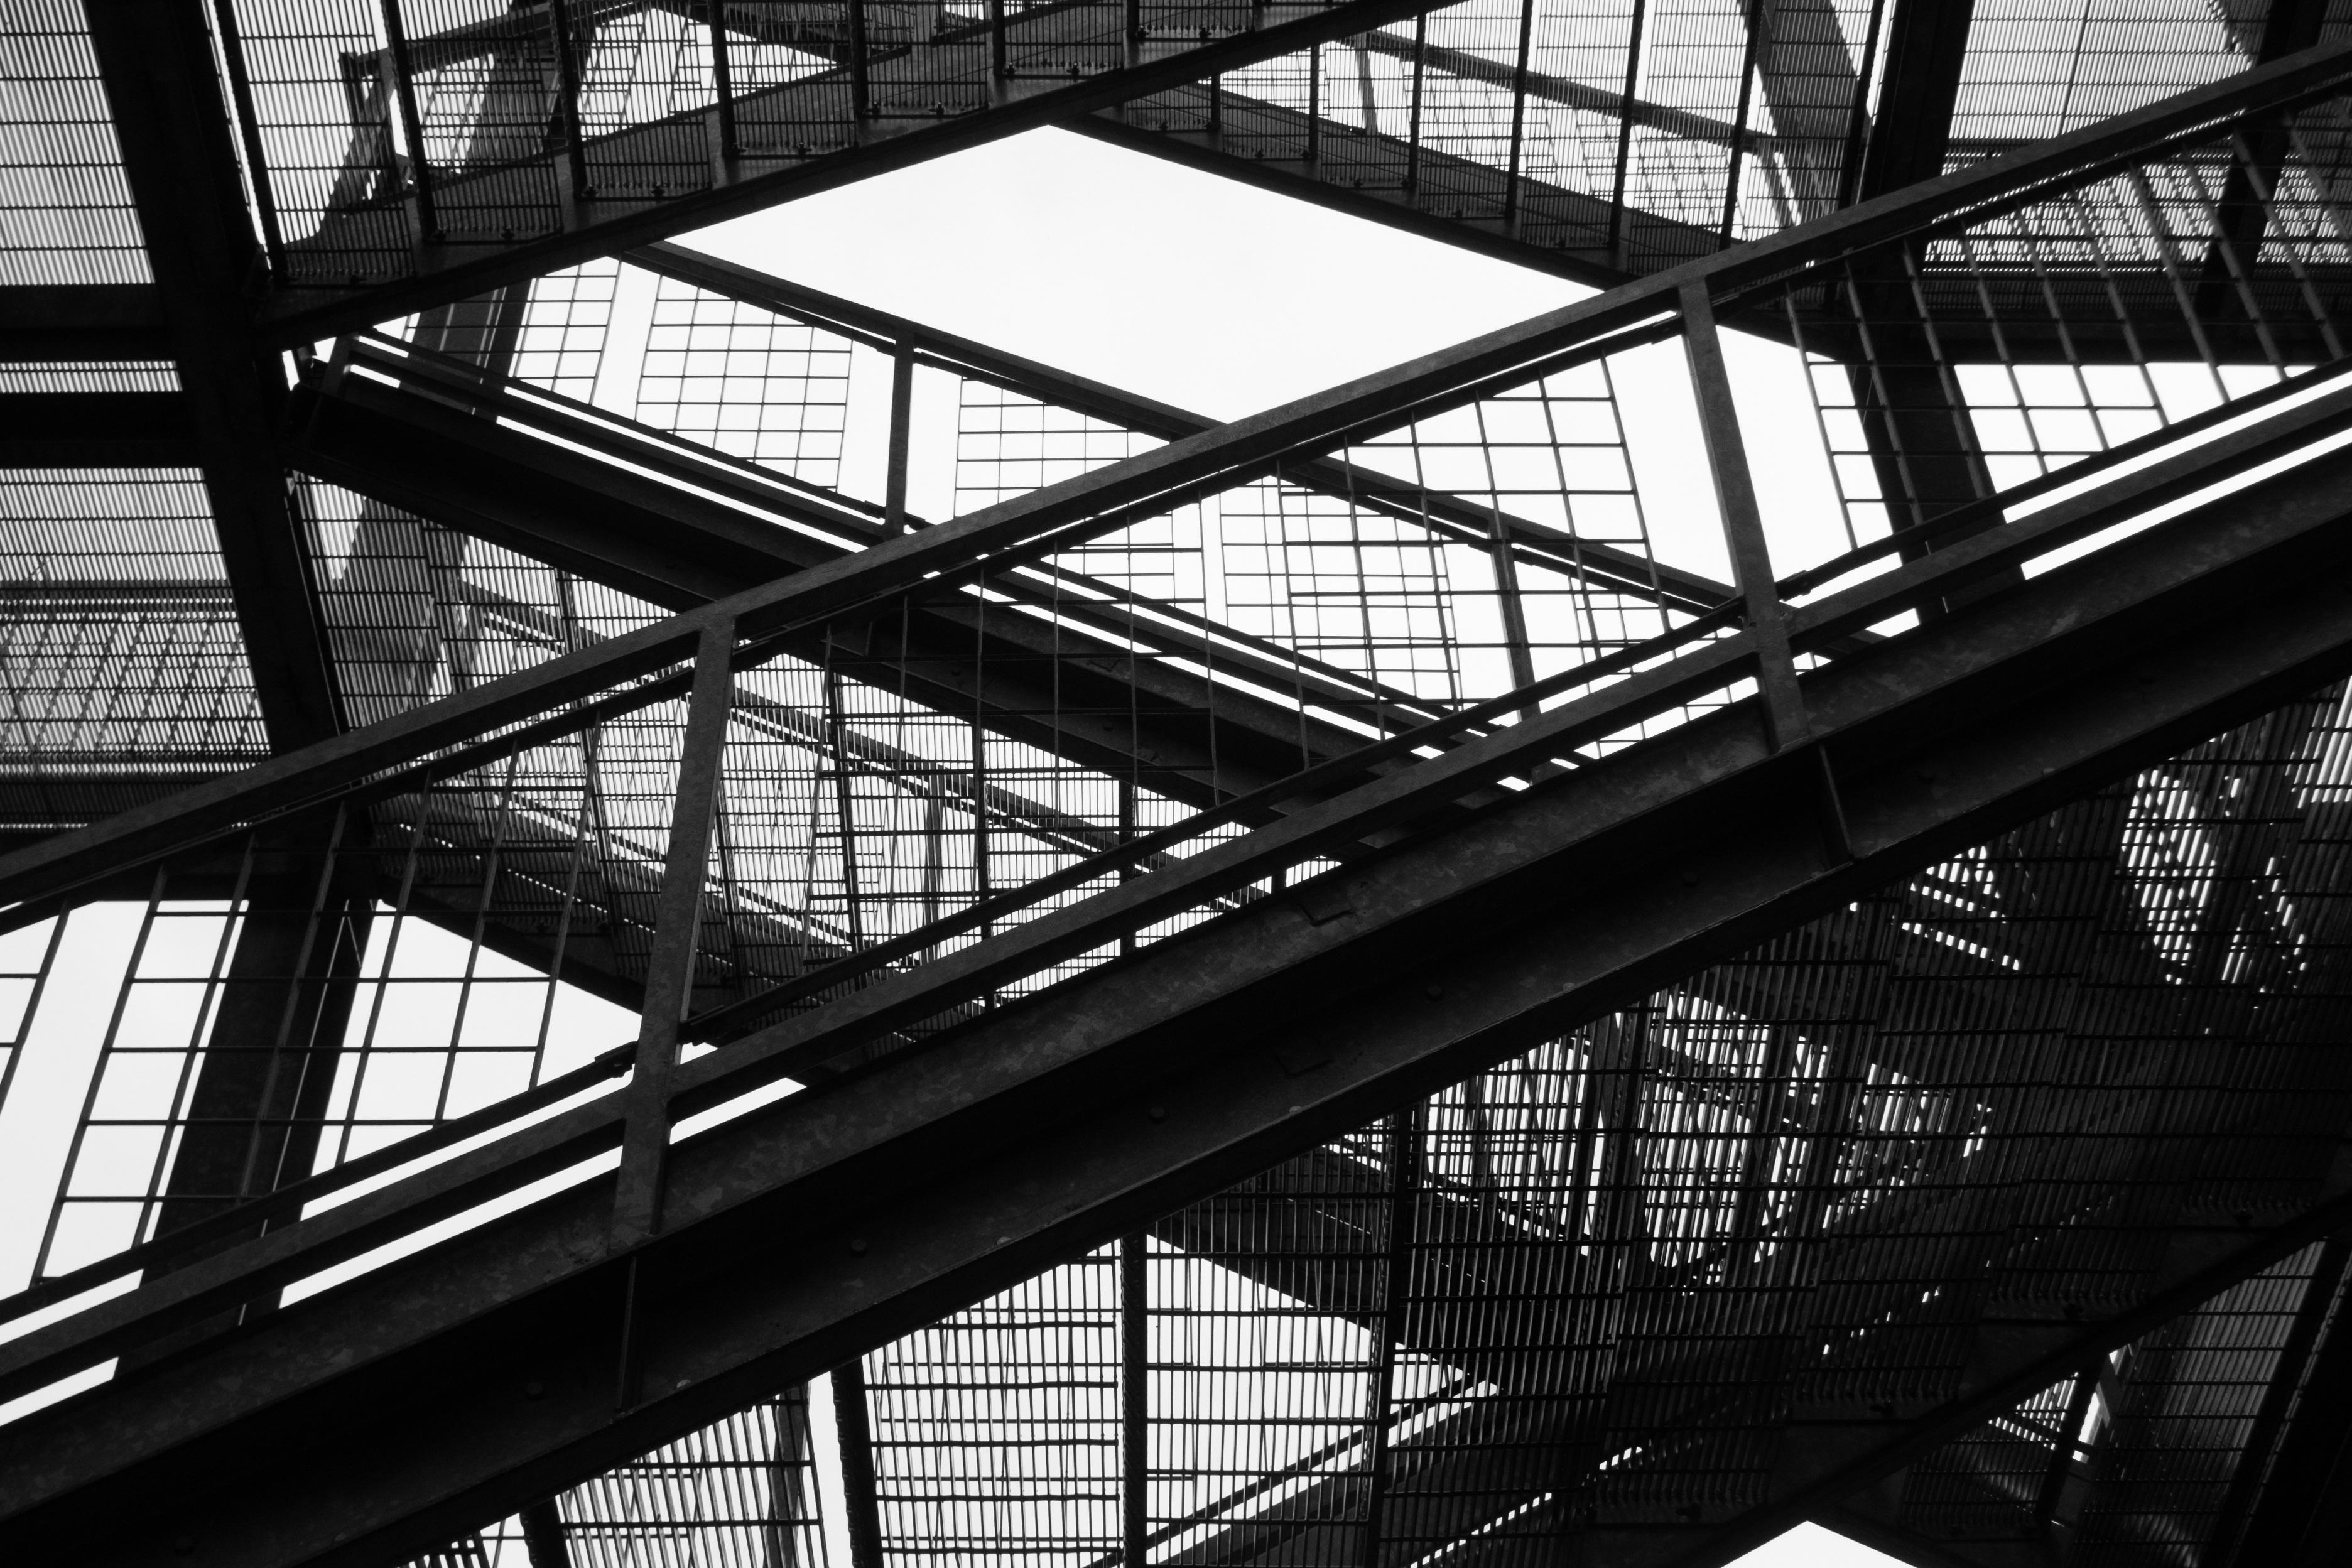 Gratis afbeeldingen : licht zwart en wit architectuur brug